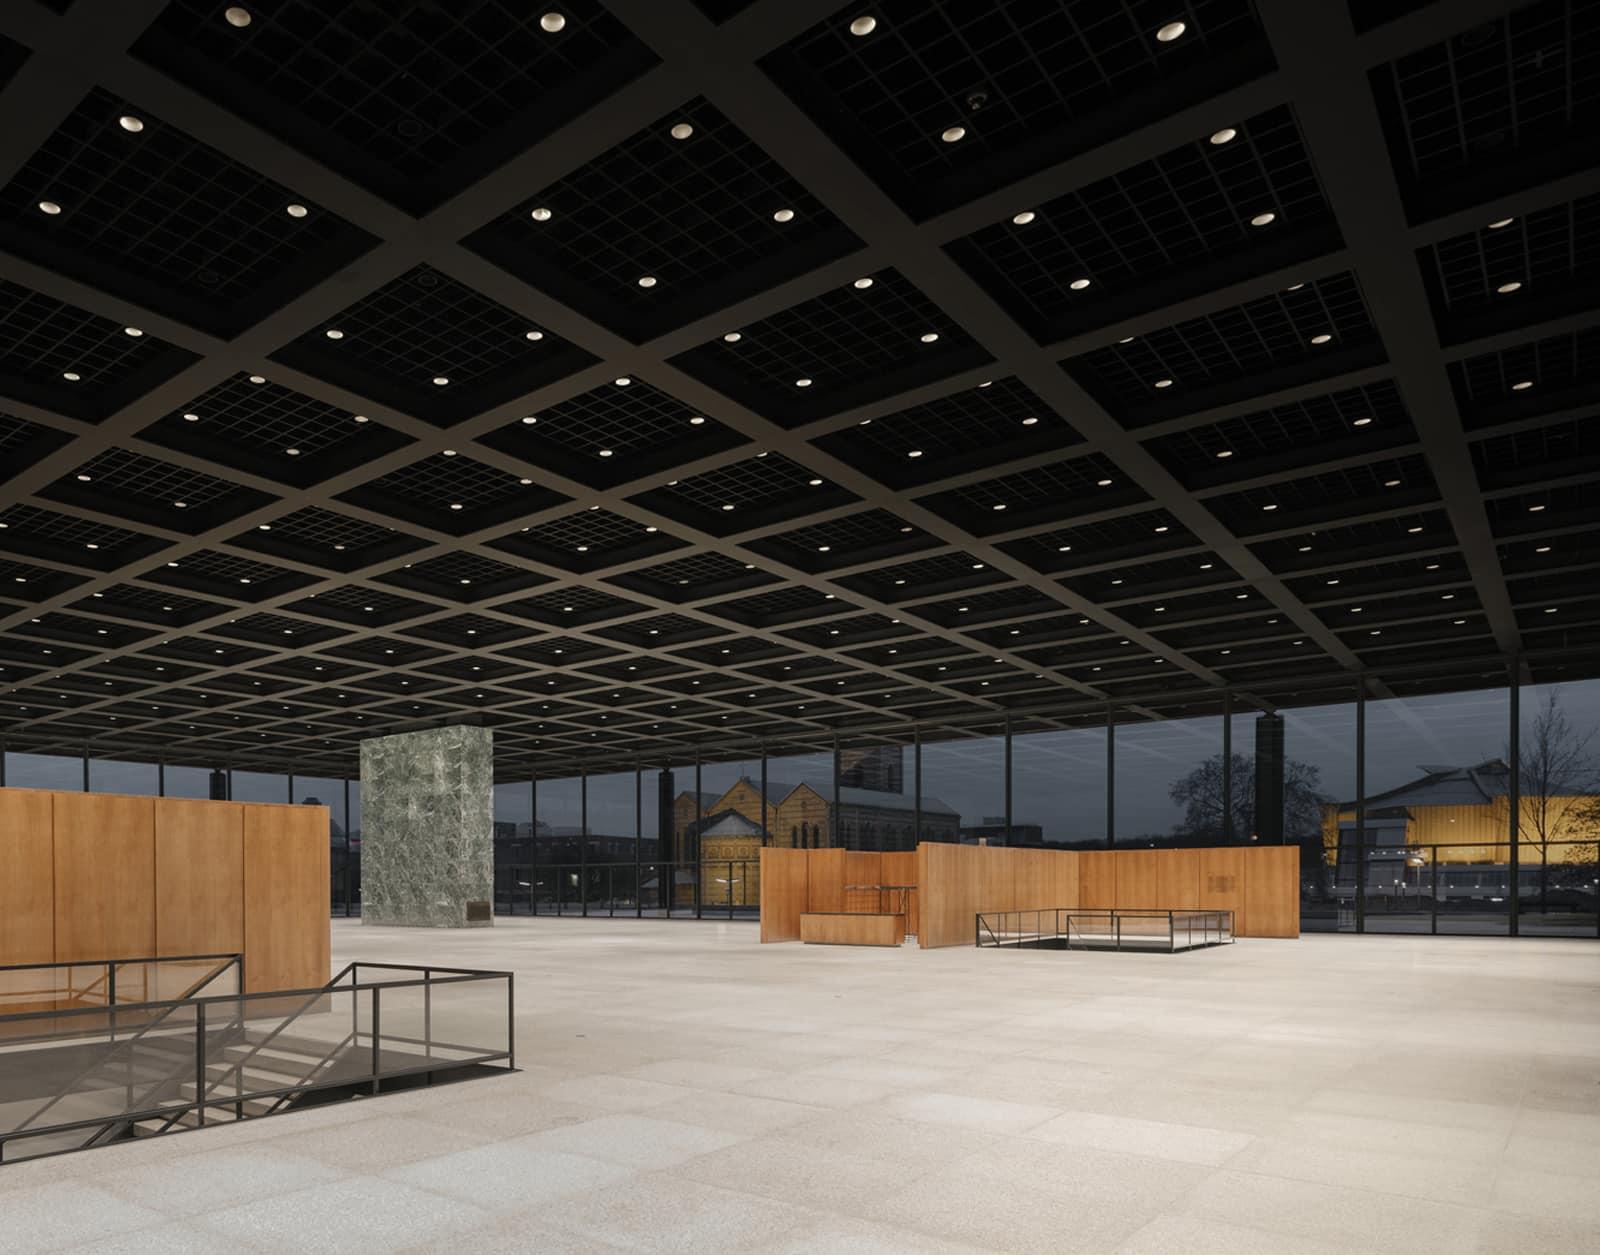 Neue Nationalgalerie Refurbishment  - 20210625 Chipperfield NeueNationalgalerieRefurbishment 07.1 1 43